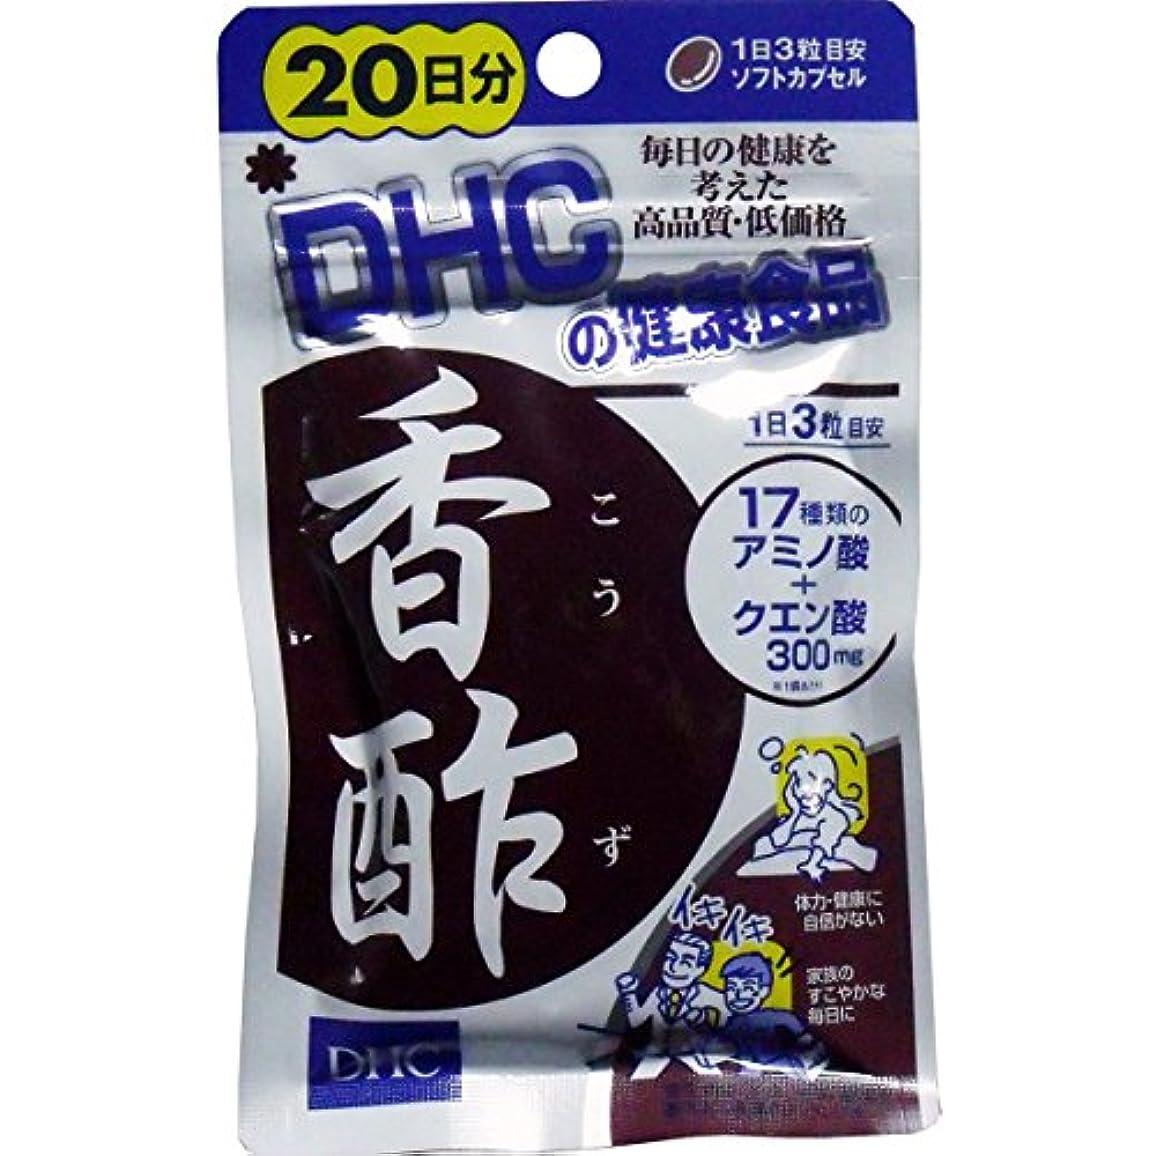 啓示クマノミ追放するDHC サプリメント 香酢 60粒